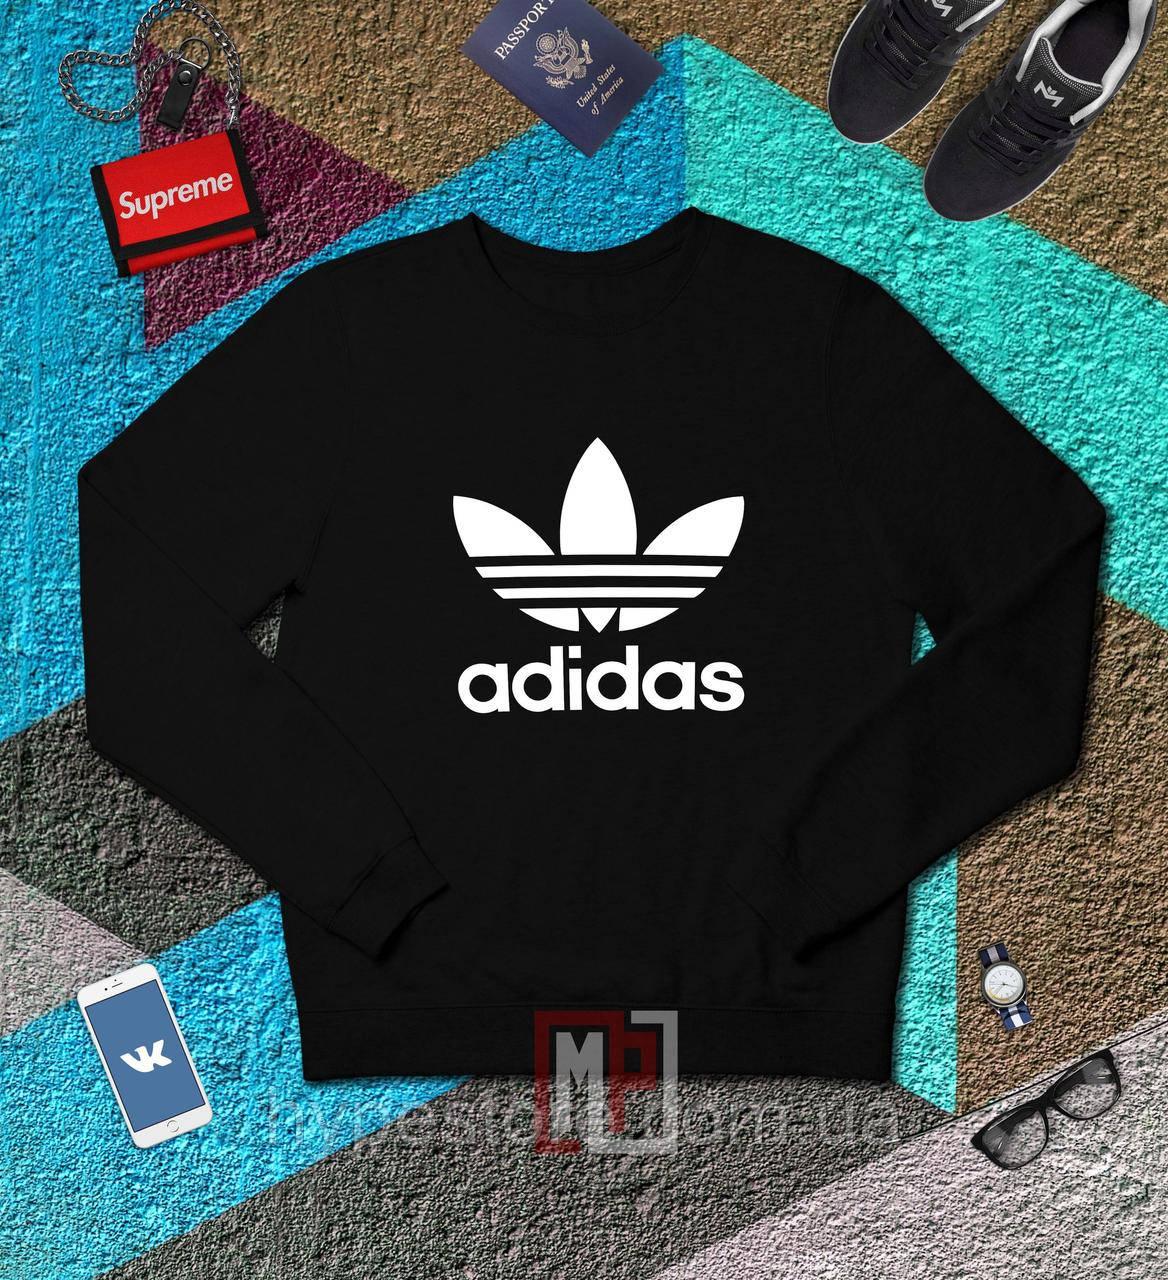 Мужской спортивный свитшот, кофта, лонгслив, реглан Adidas, Реплика